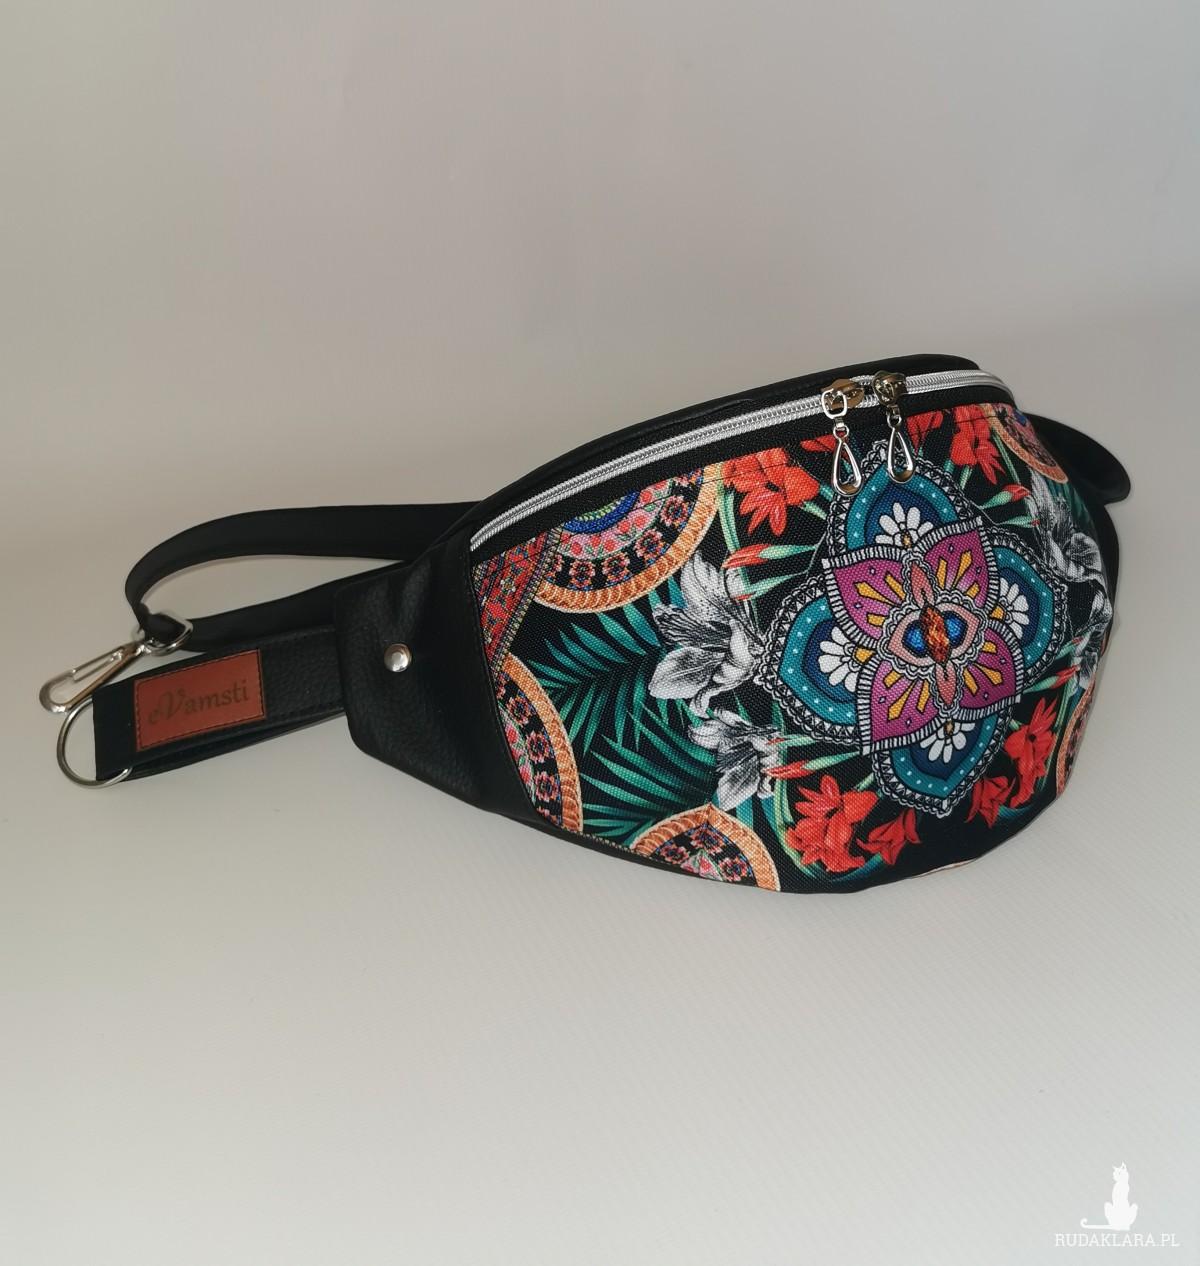 Nerka saszetka biodrowa wodoodporna handmade torebka na pas torebka na ramię mini torebka ekoskóra  pomarańczowe kwiatuszki